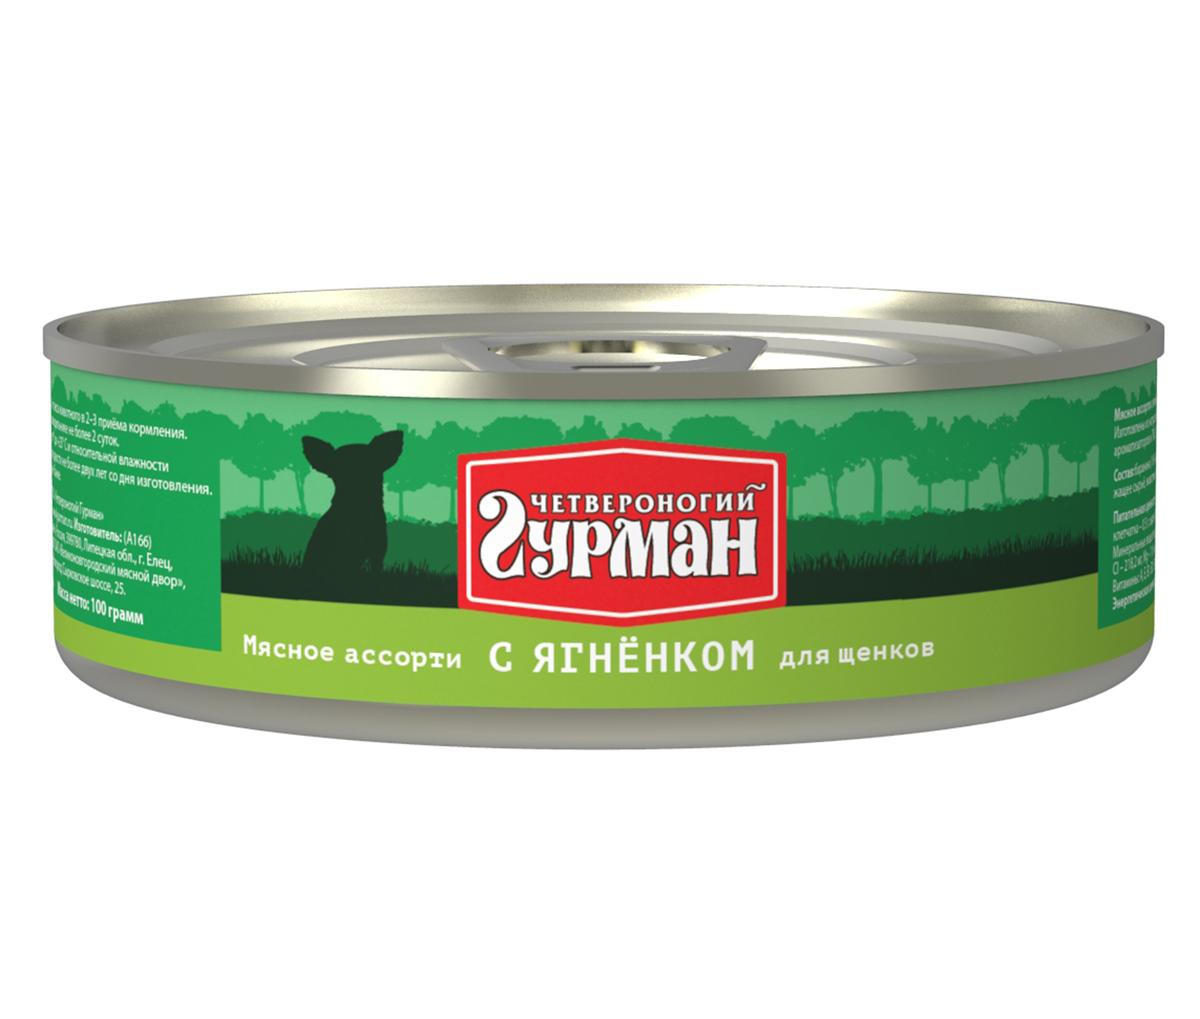 Консервы для щенков Четвероногий гурман Мясное ассорти, с ягненком, 100 г. 1031010200120710Консервы для щенков Четвероногий гурман Мясное ассорти - это влажный мясной корм суперпремиум класса, состоящий из разных сортов мяса и качественных субпродуктов. Корм не содержит синтетических витаминно-минеральных комплексов, злаков, бобовых и овощей. Никаких искусственных компонентов в составе: только натуральное, экологически чистое мясо от проверенных поставщиков. По консистенции продукт представляет собой кусочки из фарша размером 3-15 мм. В состав входит коллаген. Его компоненты (хондроитин и глюкозамин) положительно воздействуют на суставы питомца. Состав: баранина (16%), сердце (30%), рубец, легкое, печень, коллагенсодержащее сырье, животный белок, масло растительное, вода. Пищевая ценность (в 100 г продукта): протеин 10,7 г, жир 6,2 г, клетчатка 0,5 г, сырая зола 2 г, влага 80 г. Минеральные вещества: P 111,1мг, Са 10,9 мг, Na 160,9 мг, Cl 218,2 мг, Mg 11,6 мг, Fe 3,7 мг, Cu 238,3 мкг, I 3,84 мкг. Витамины: А, E, В1, В2, B3, B5, B6. Энергетическая ценность (на 100 г): 99 ккал.Товар сертифицирован.